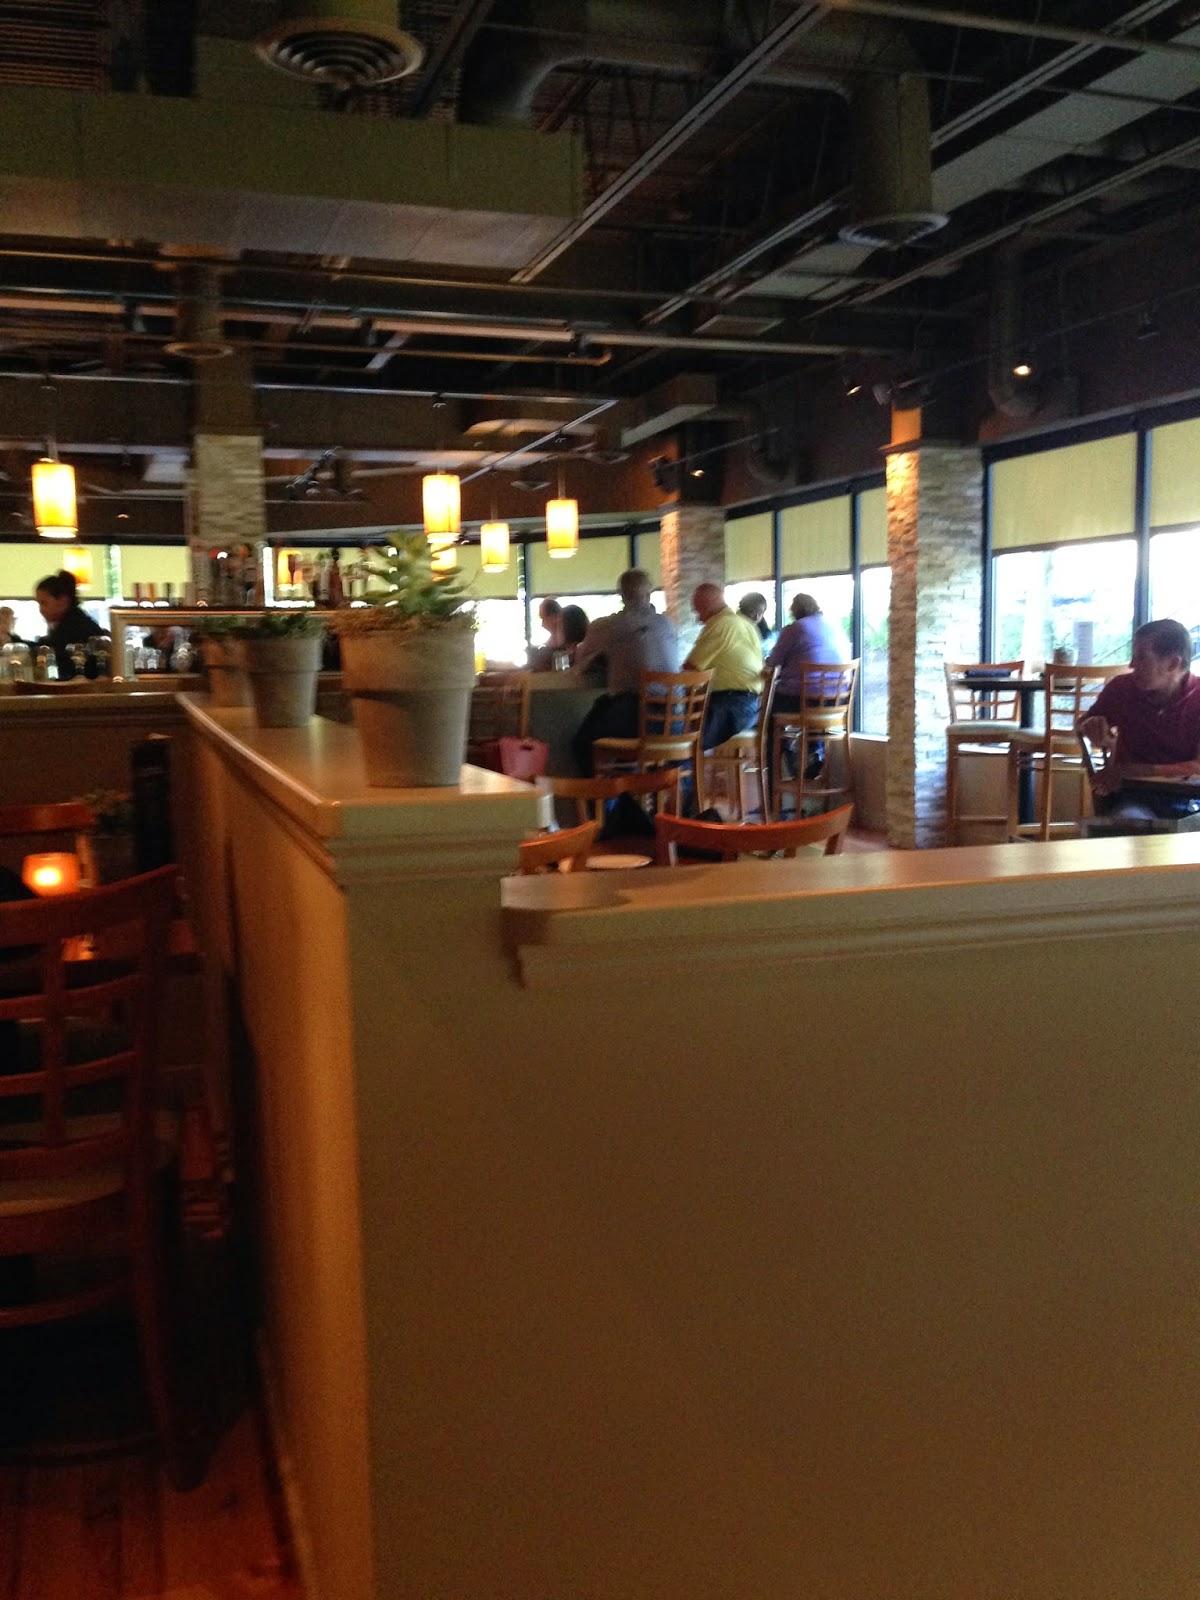 2 Dudes Who Love Food: Centre Park Grill - Ellicott City